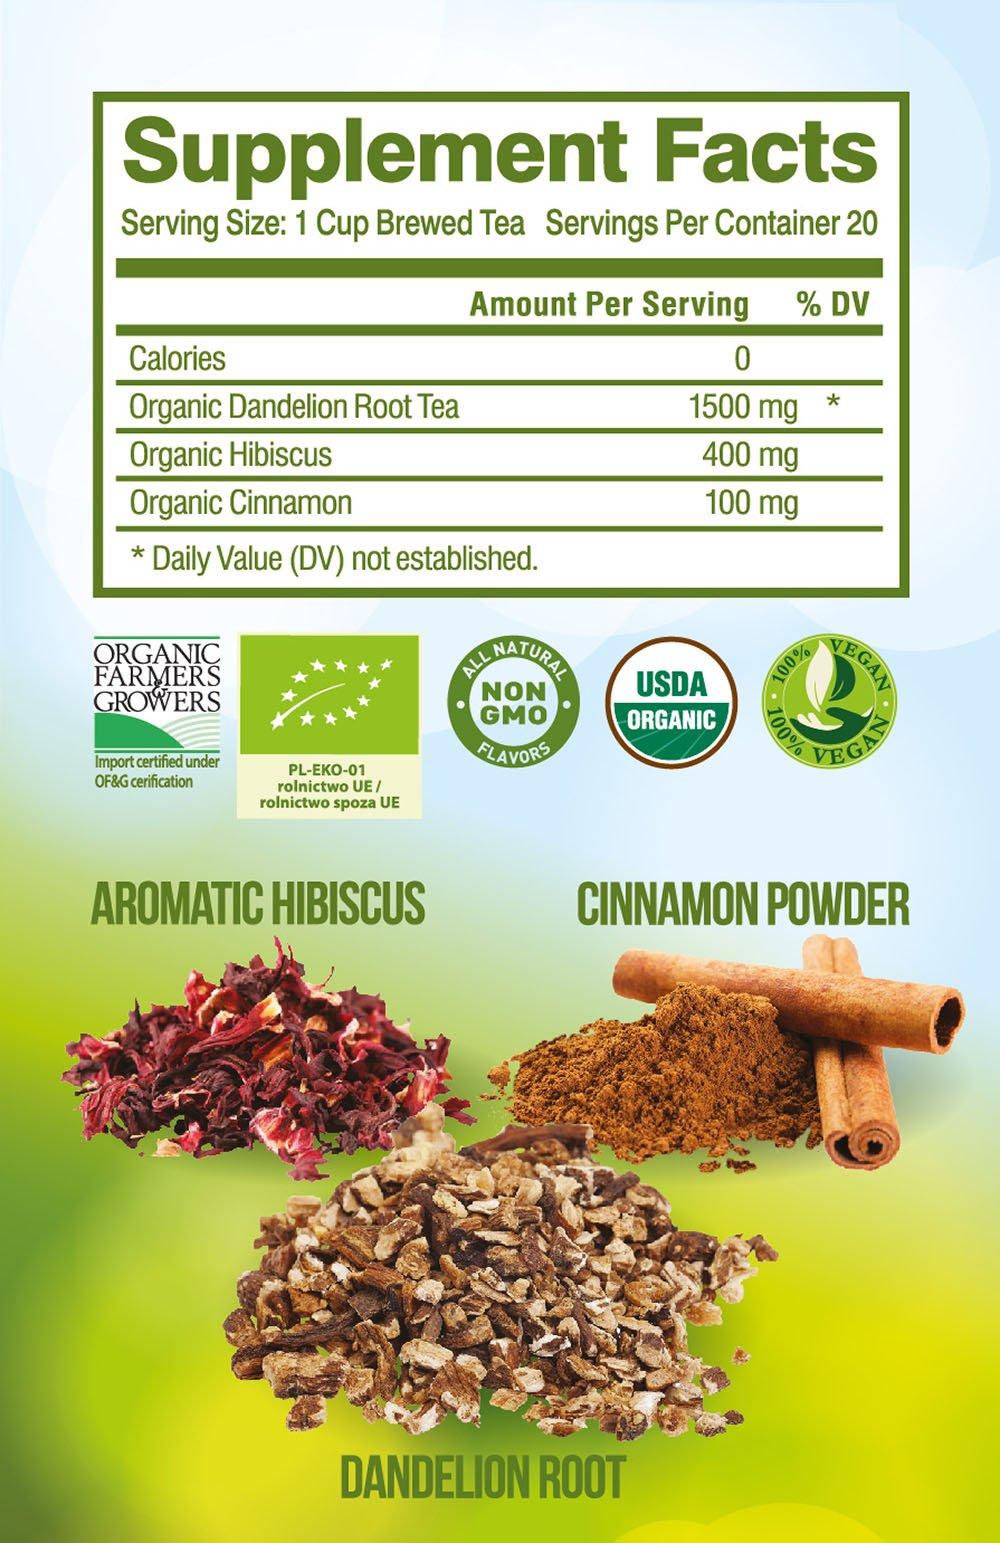 Lwenzahnwurzeltee-natrlicher-vitaminreicher-verdauungsfrdernder-Biotee